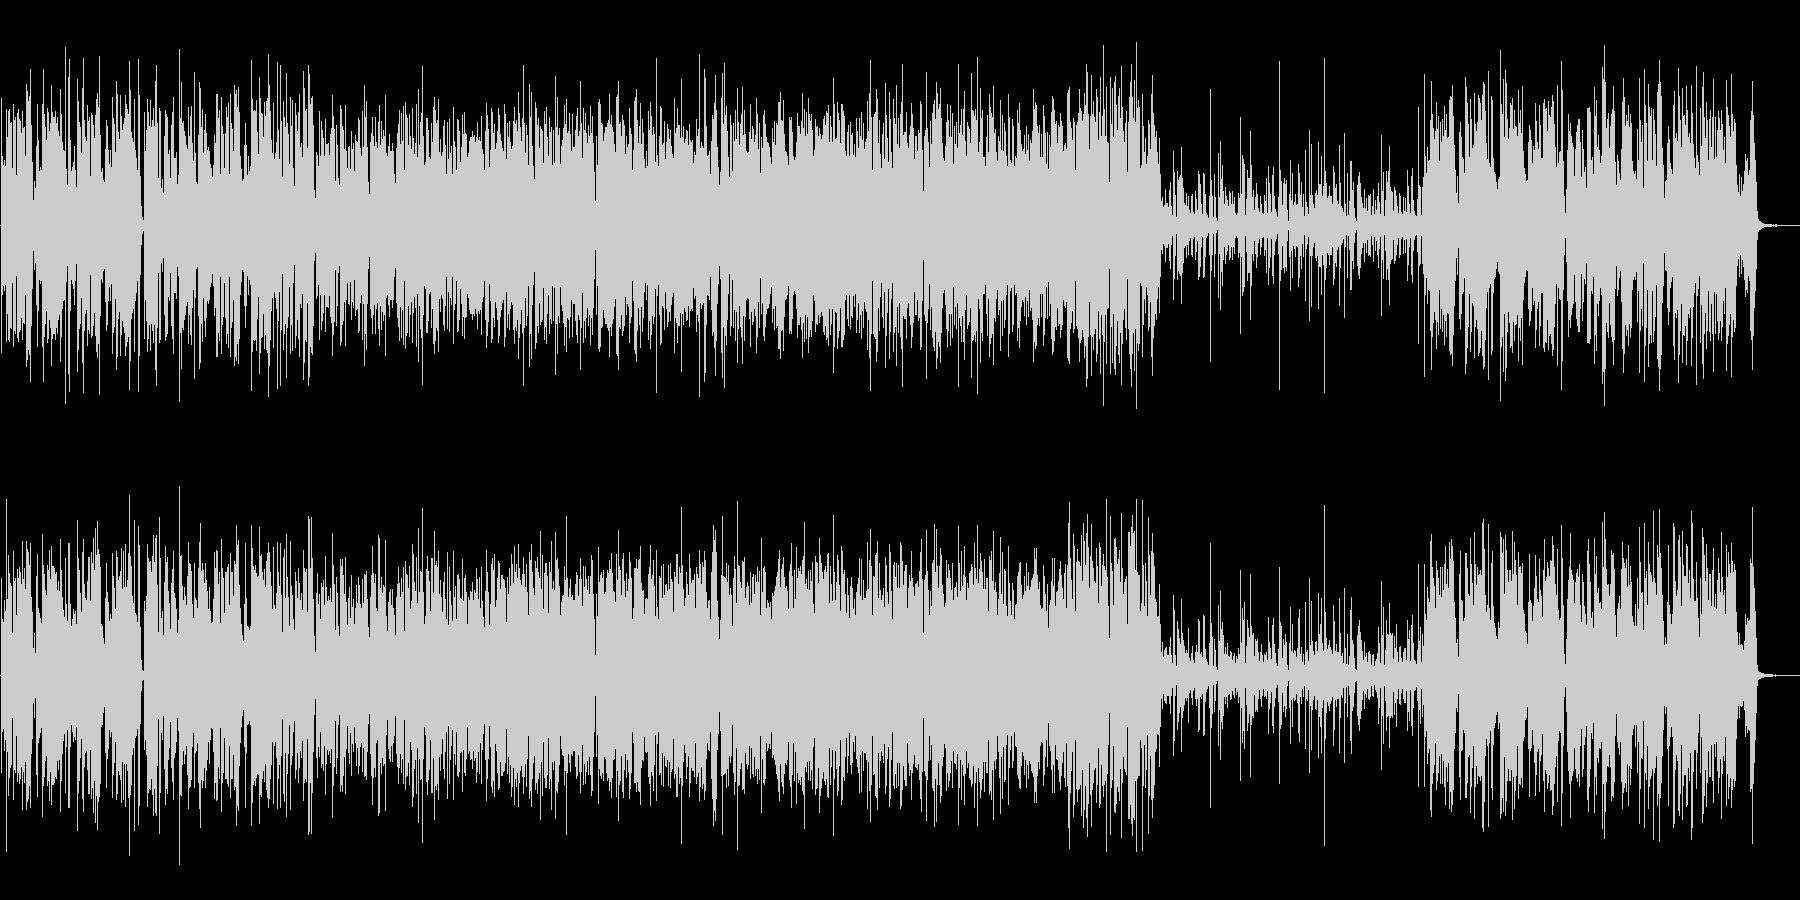 アップテンポのジャズ(ピアノトリオ)の未再生の波形